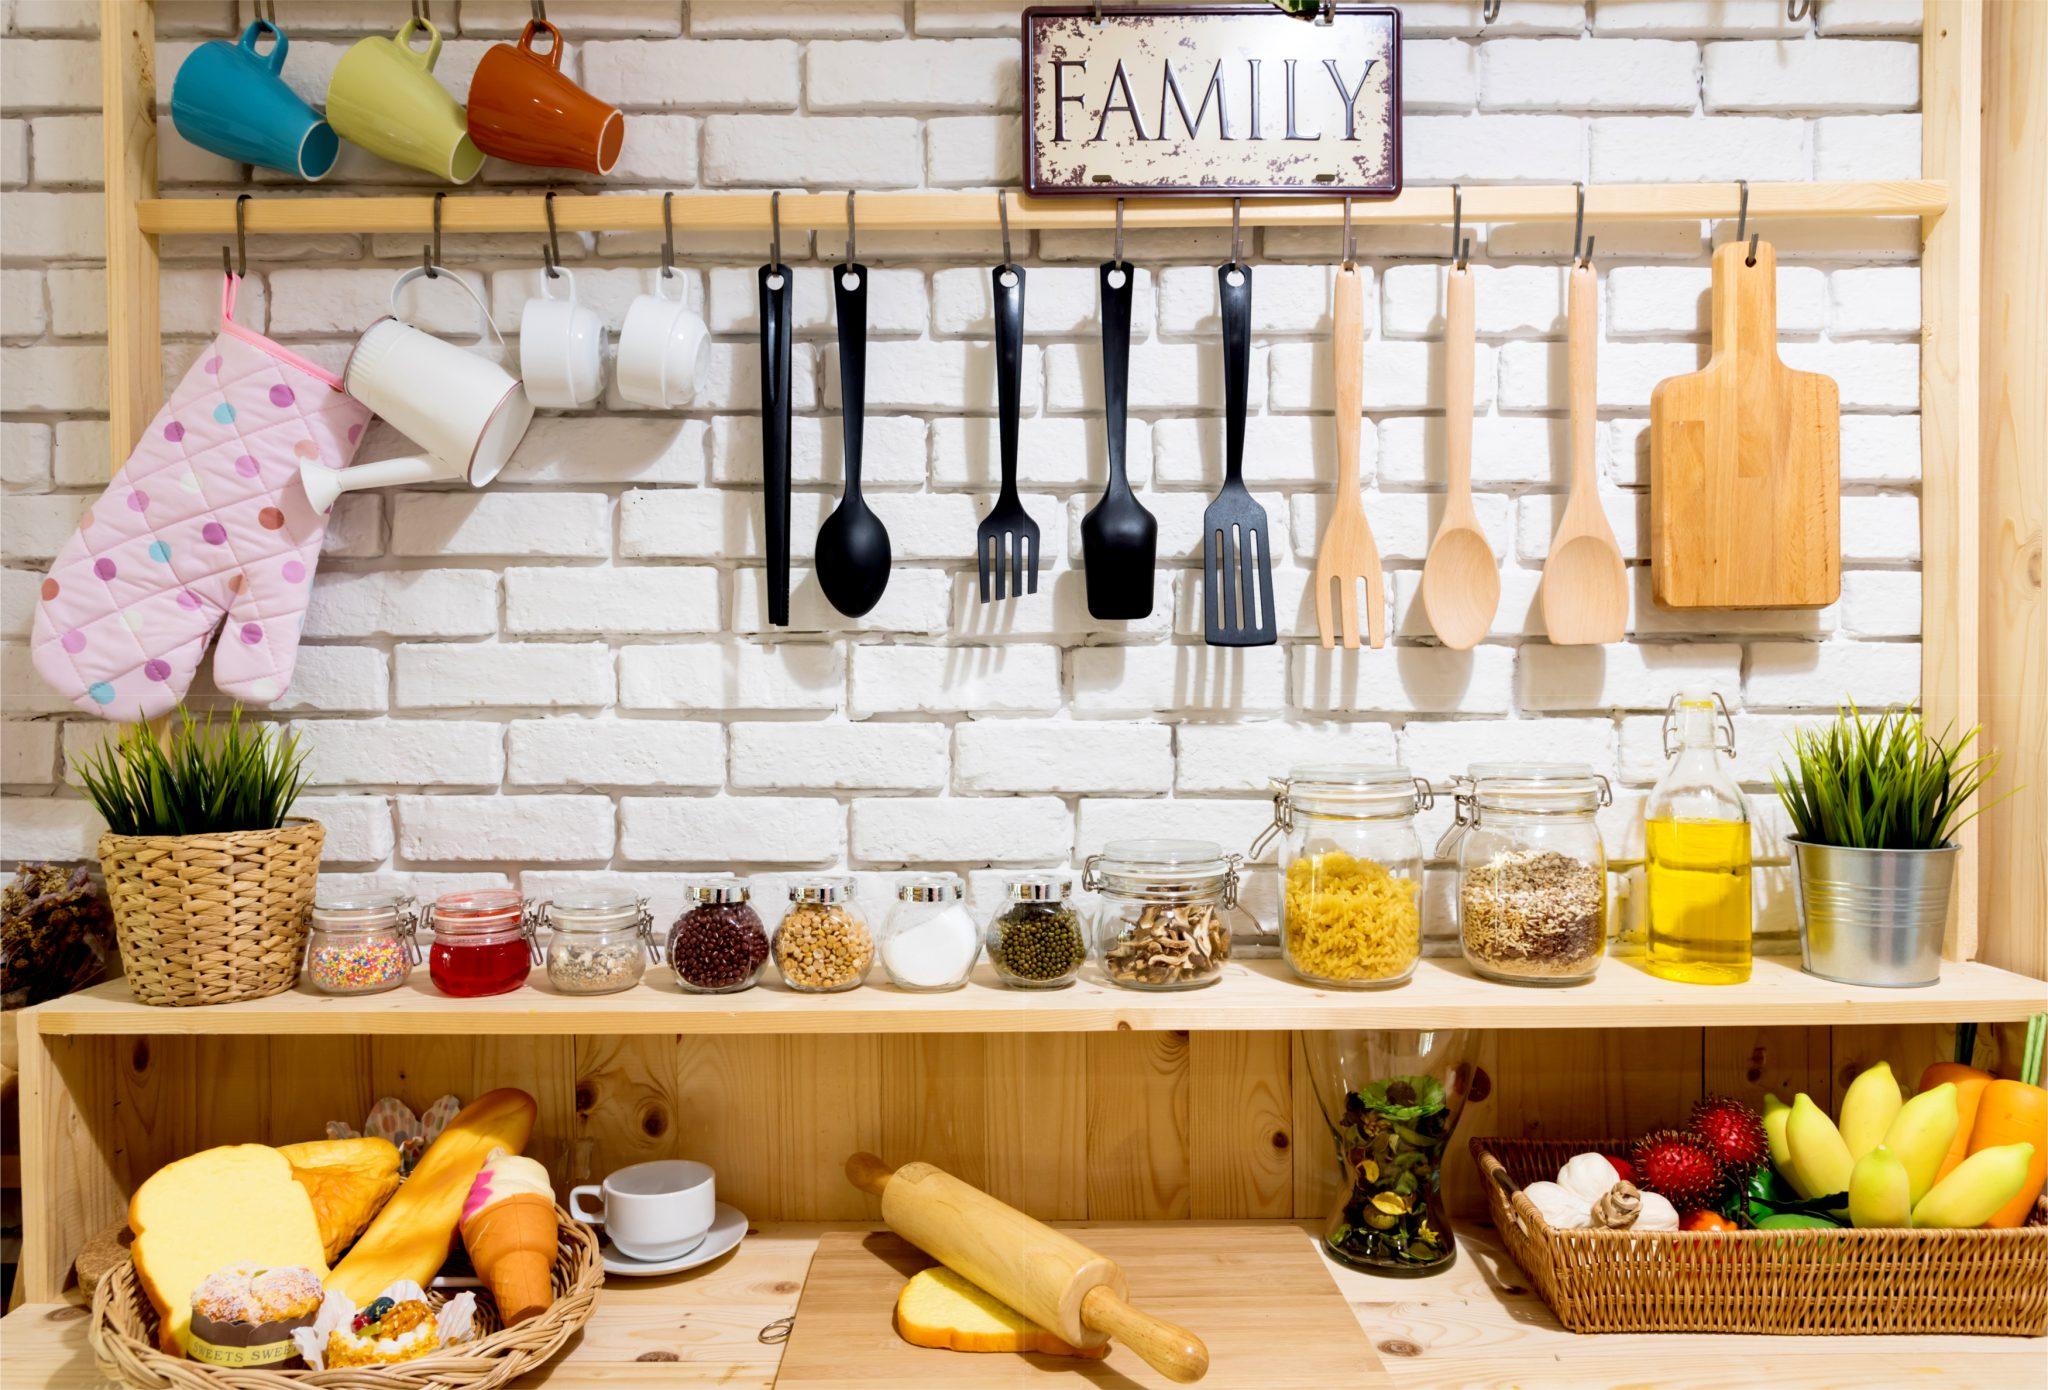 キッチンの調味料スペース